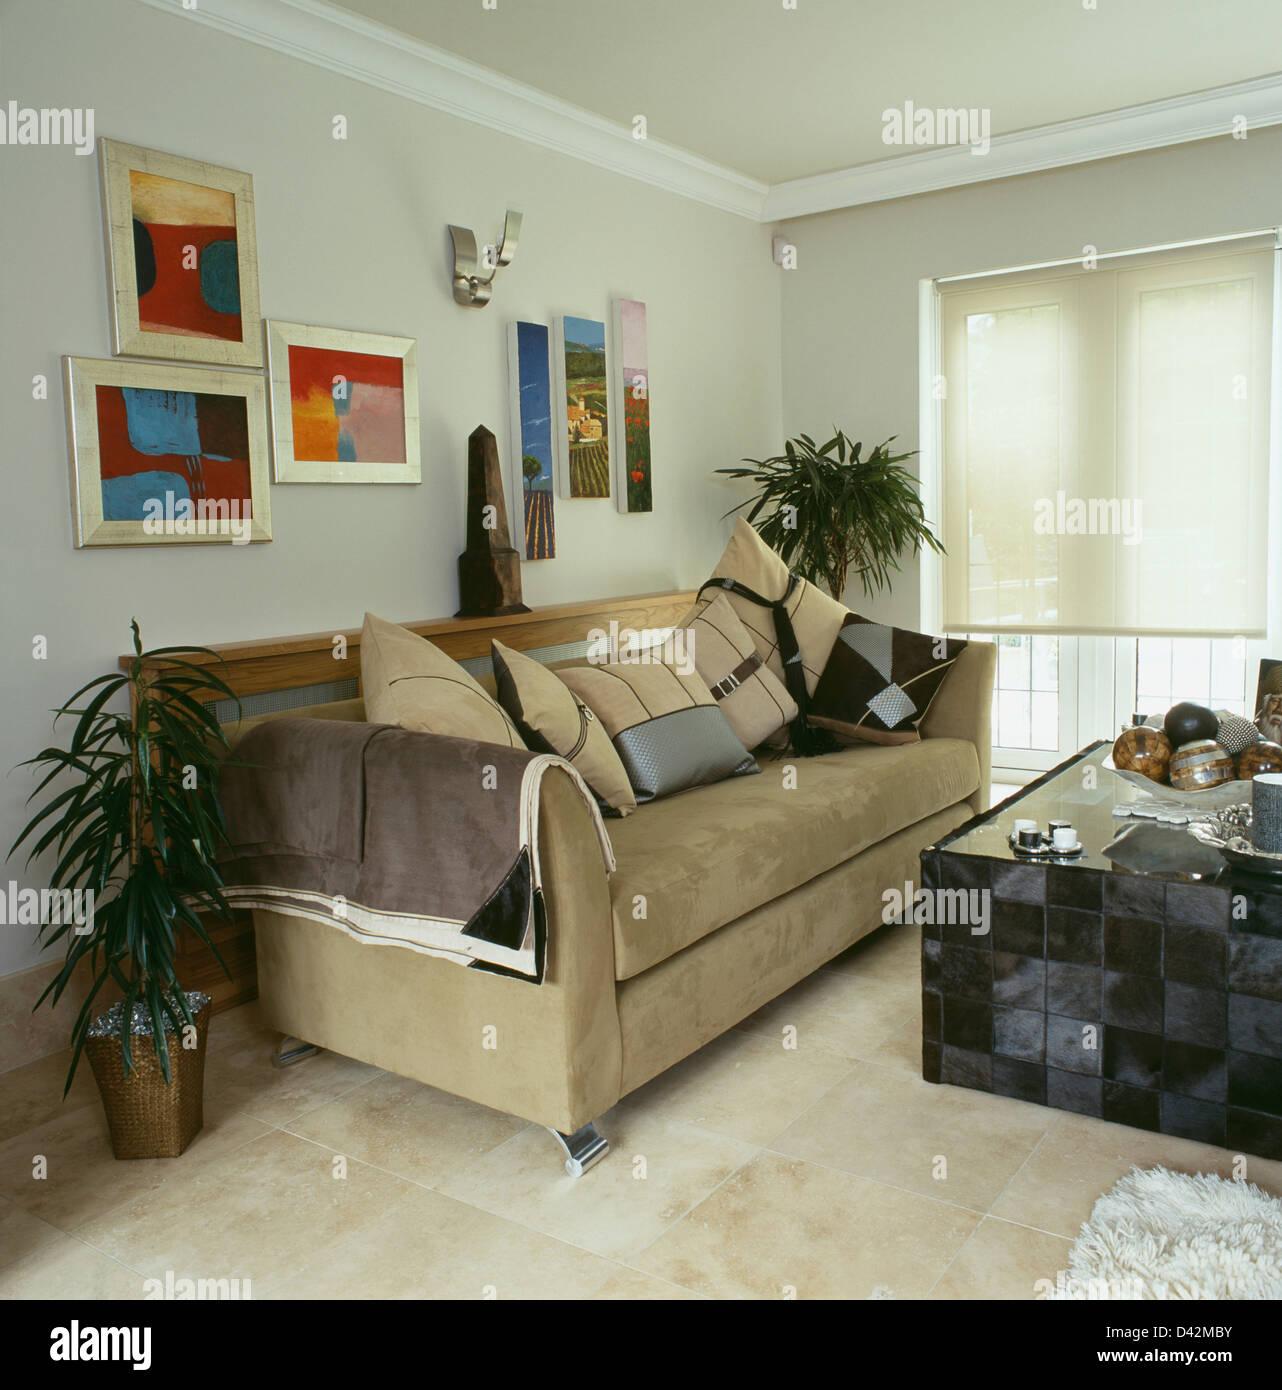 Gruppe Von Modernen Bildern Oben Beige Wildleder Sofa Im Modernen  Wohnzimmer Mit Schwarz Gefliesten Tisch Und Stein Fliesen Boden